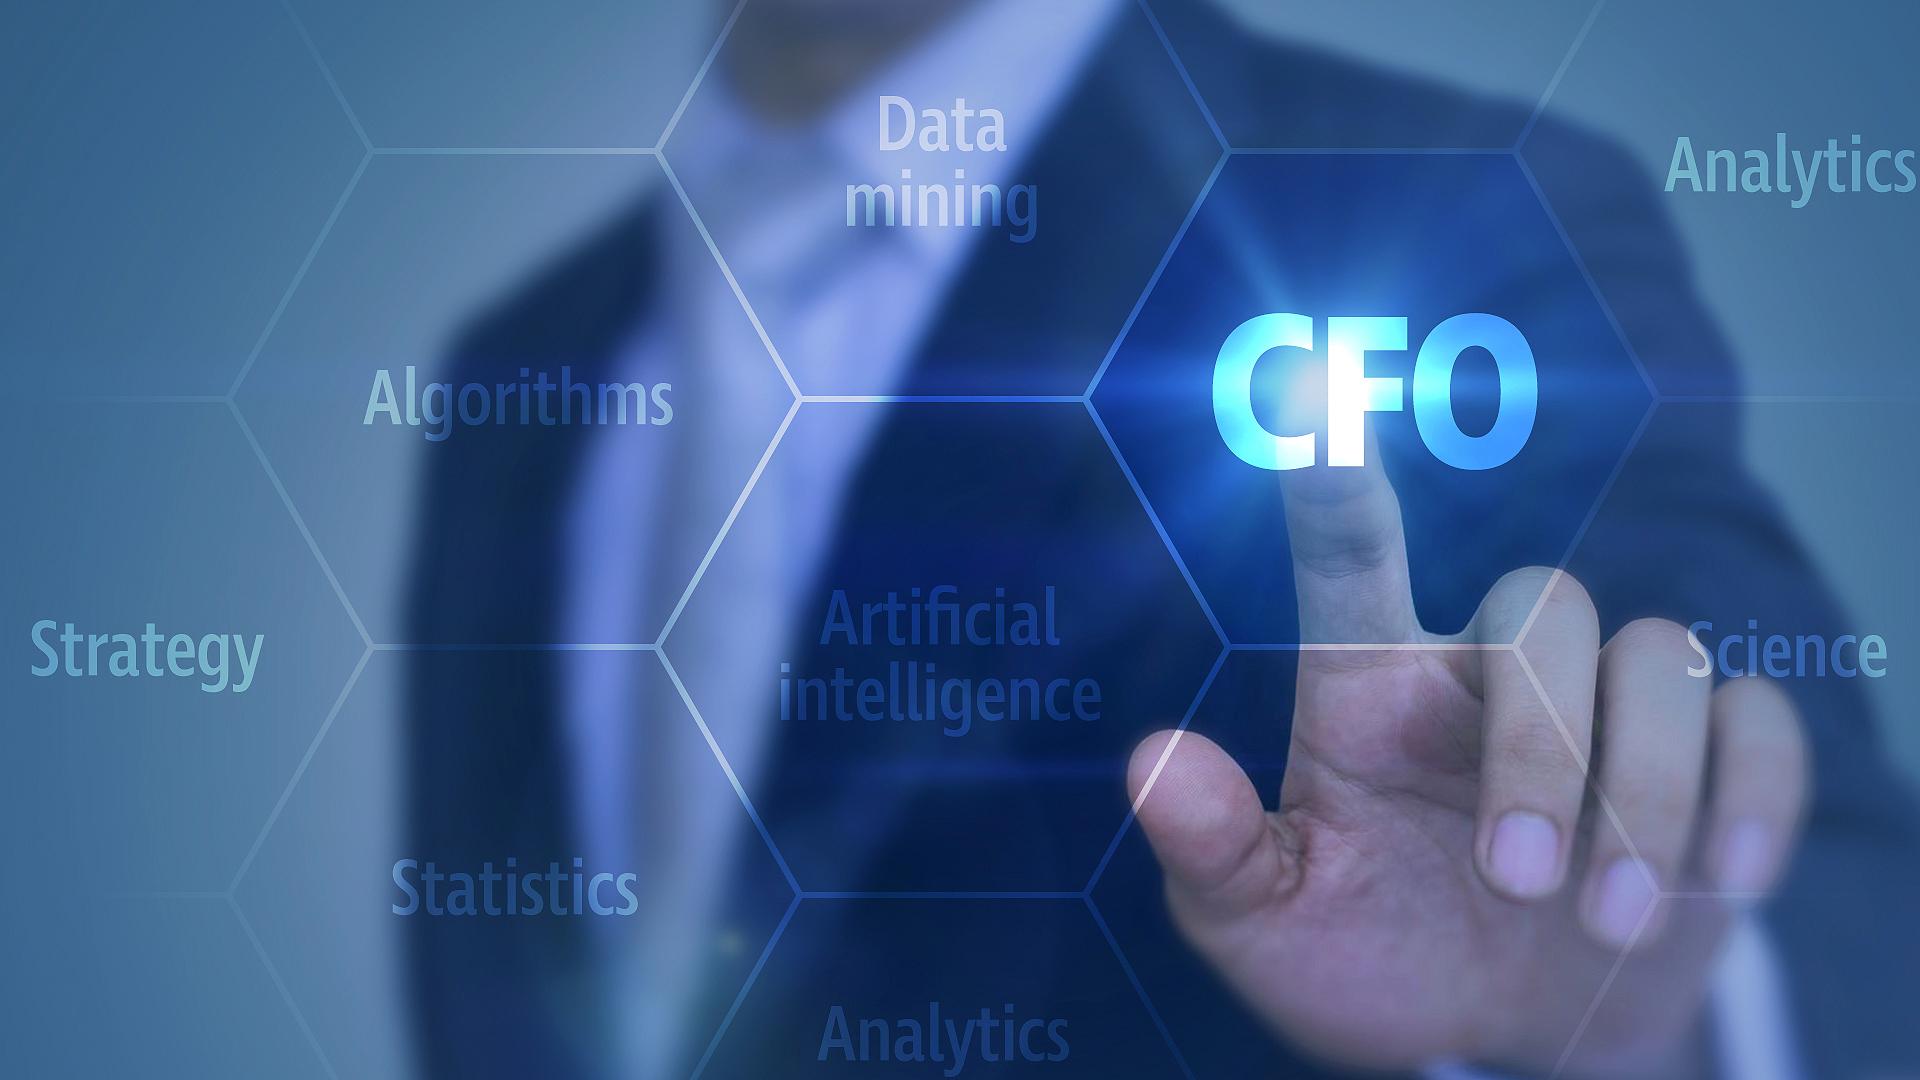 Il CFO moderno, da responsabile finanziario ad agente del cambiamento aziendale